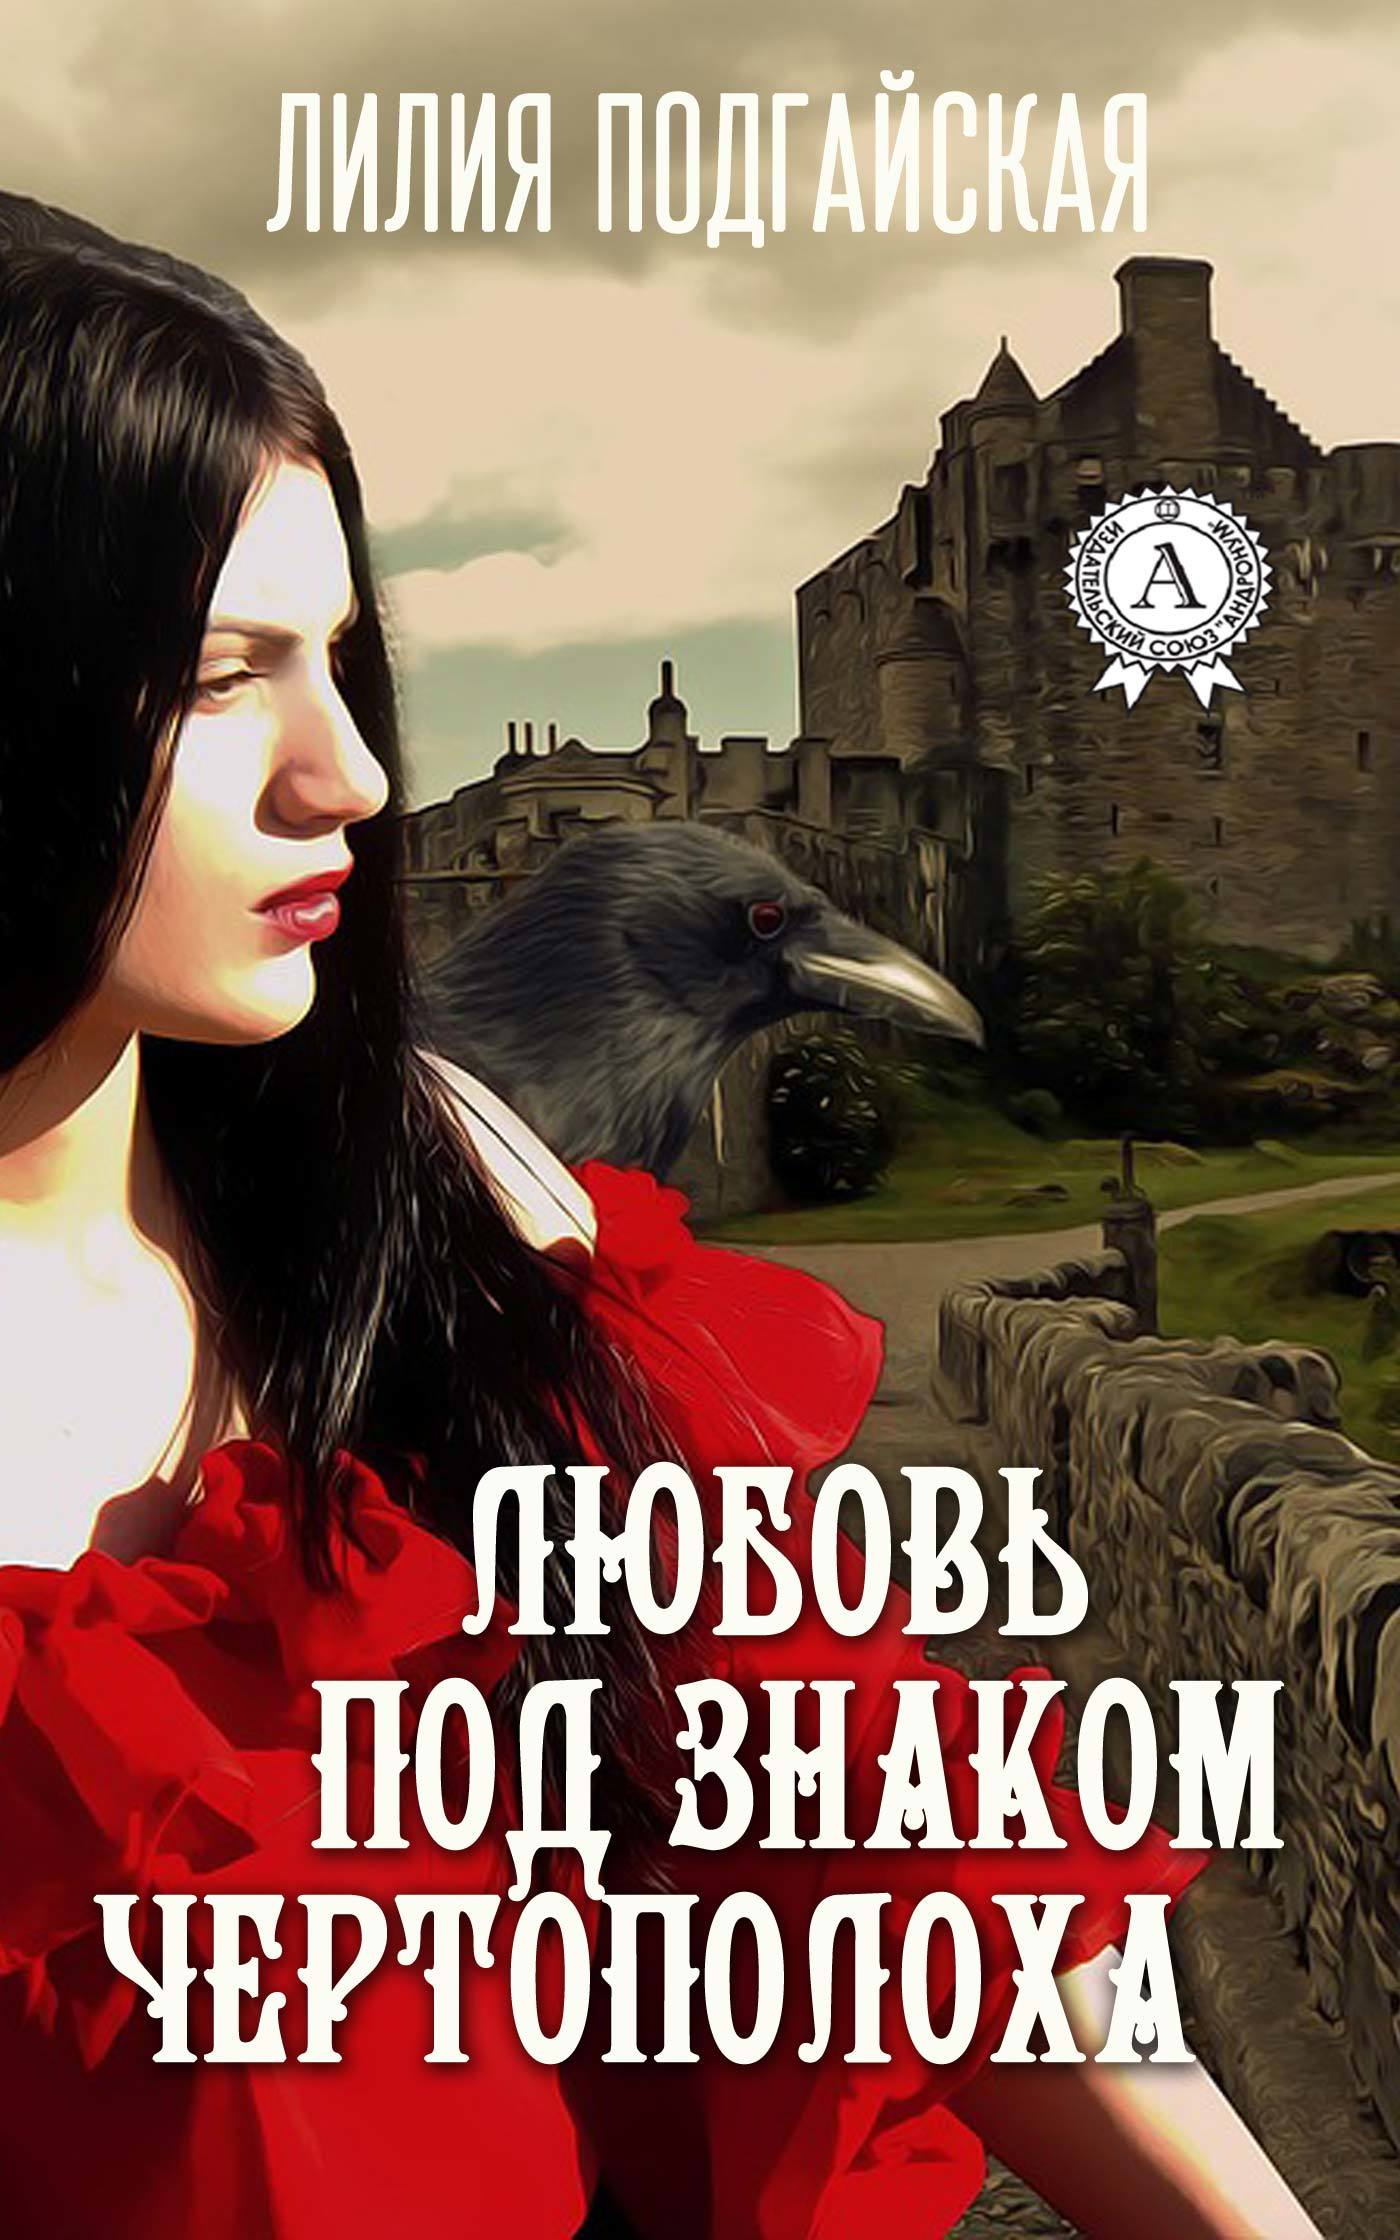 Лилия Подгайская - Любовь под знаком Чертополоха